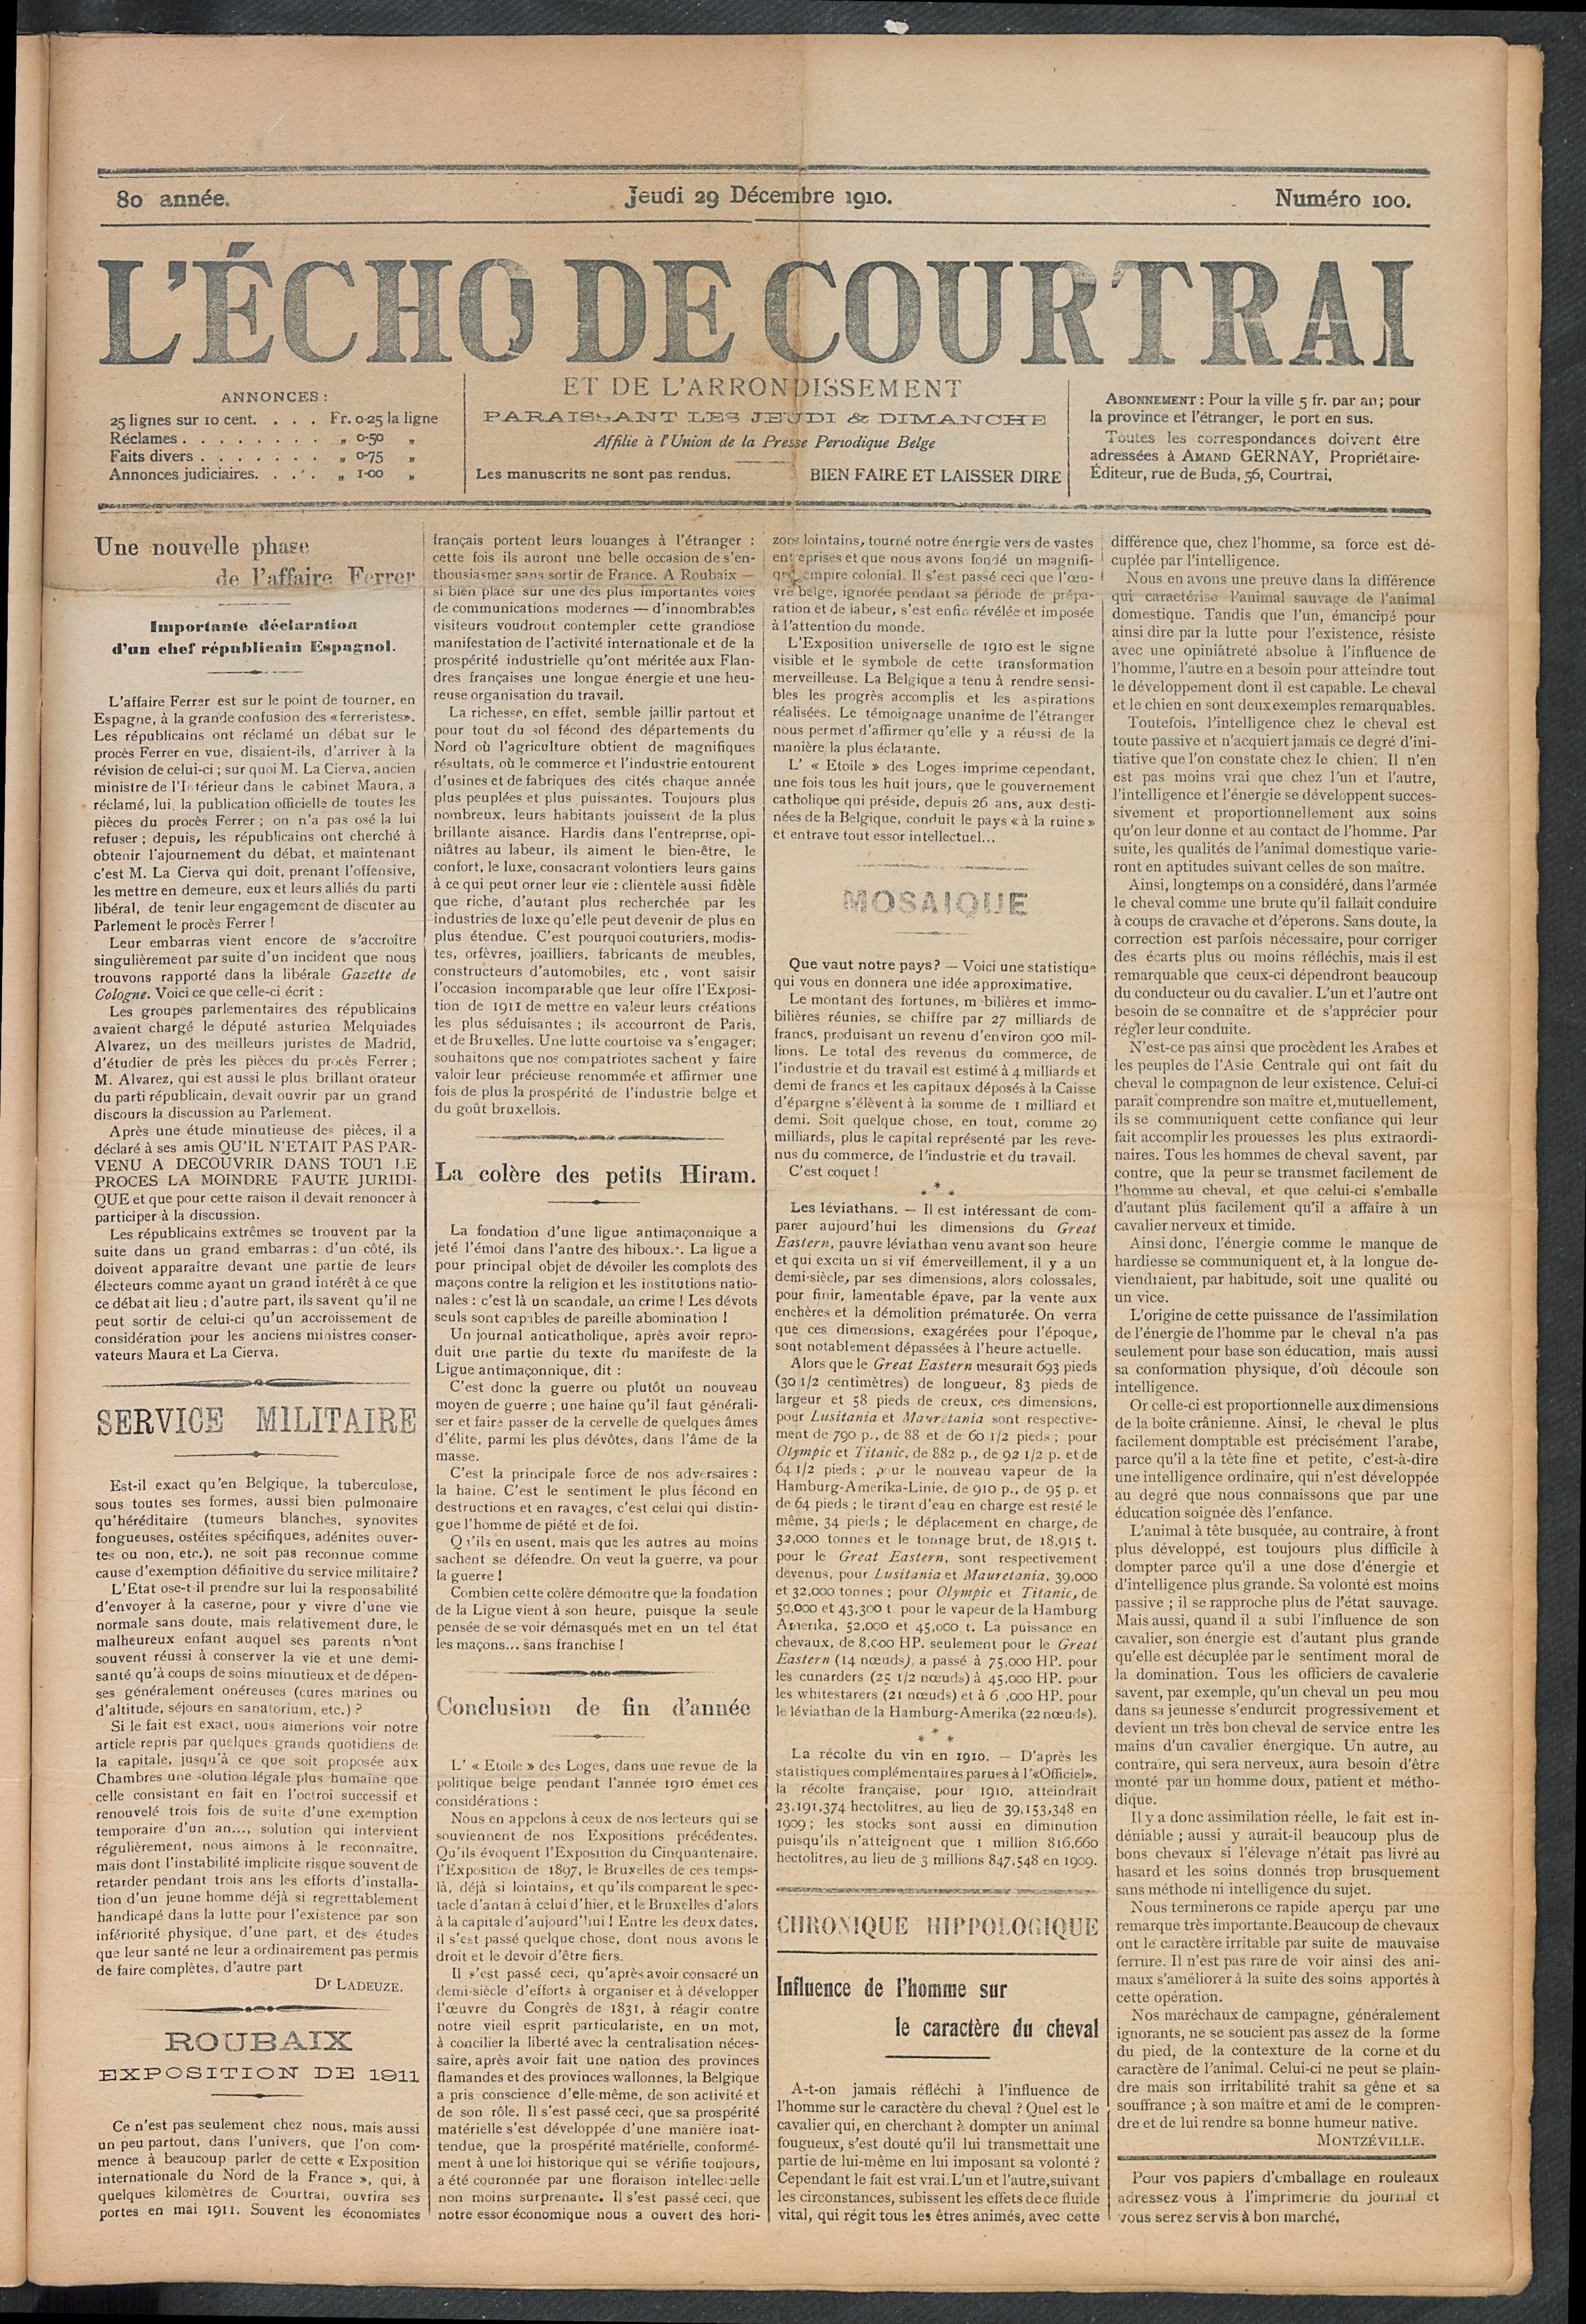 L'echo De Courtrai 1910-12-29 p1